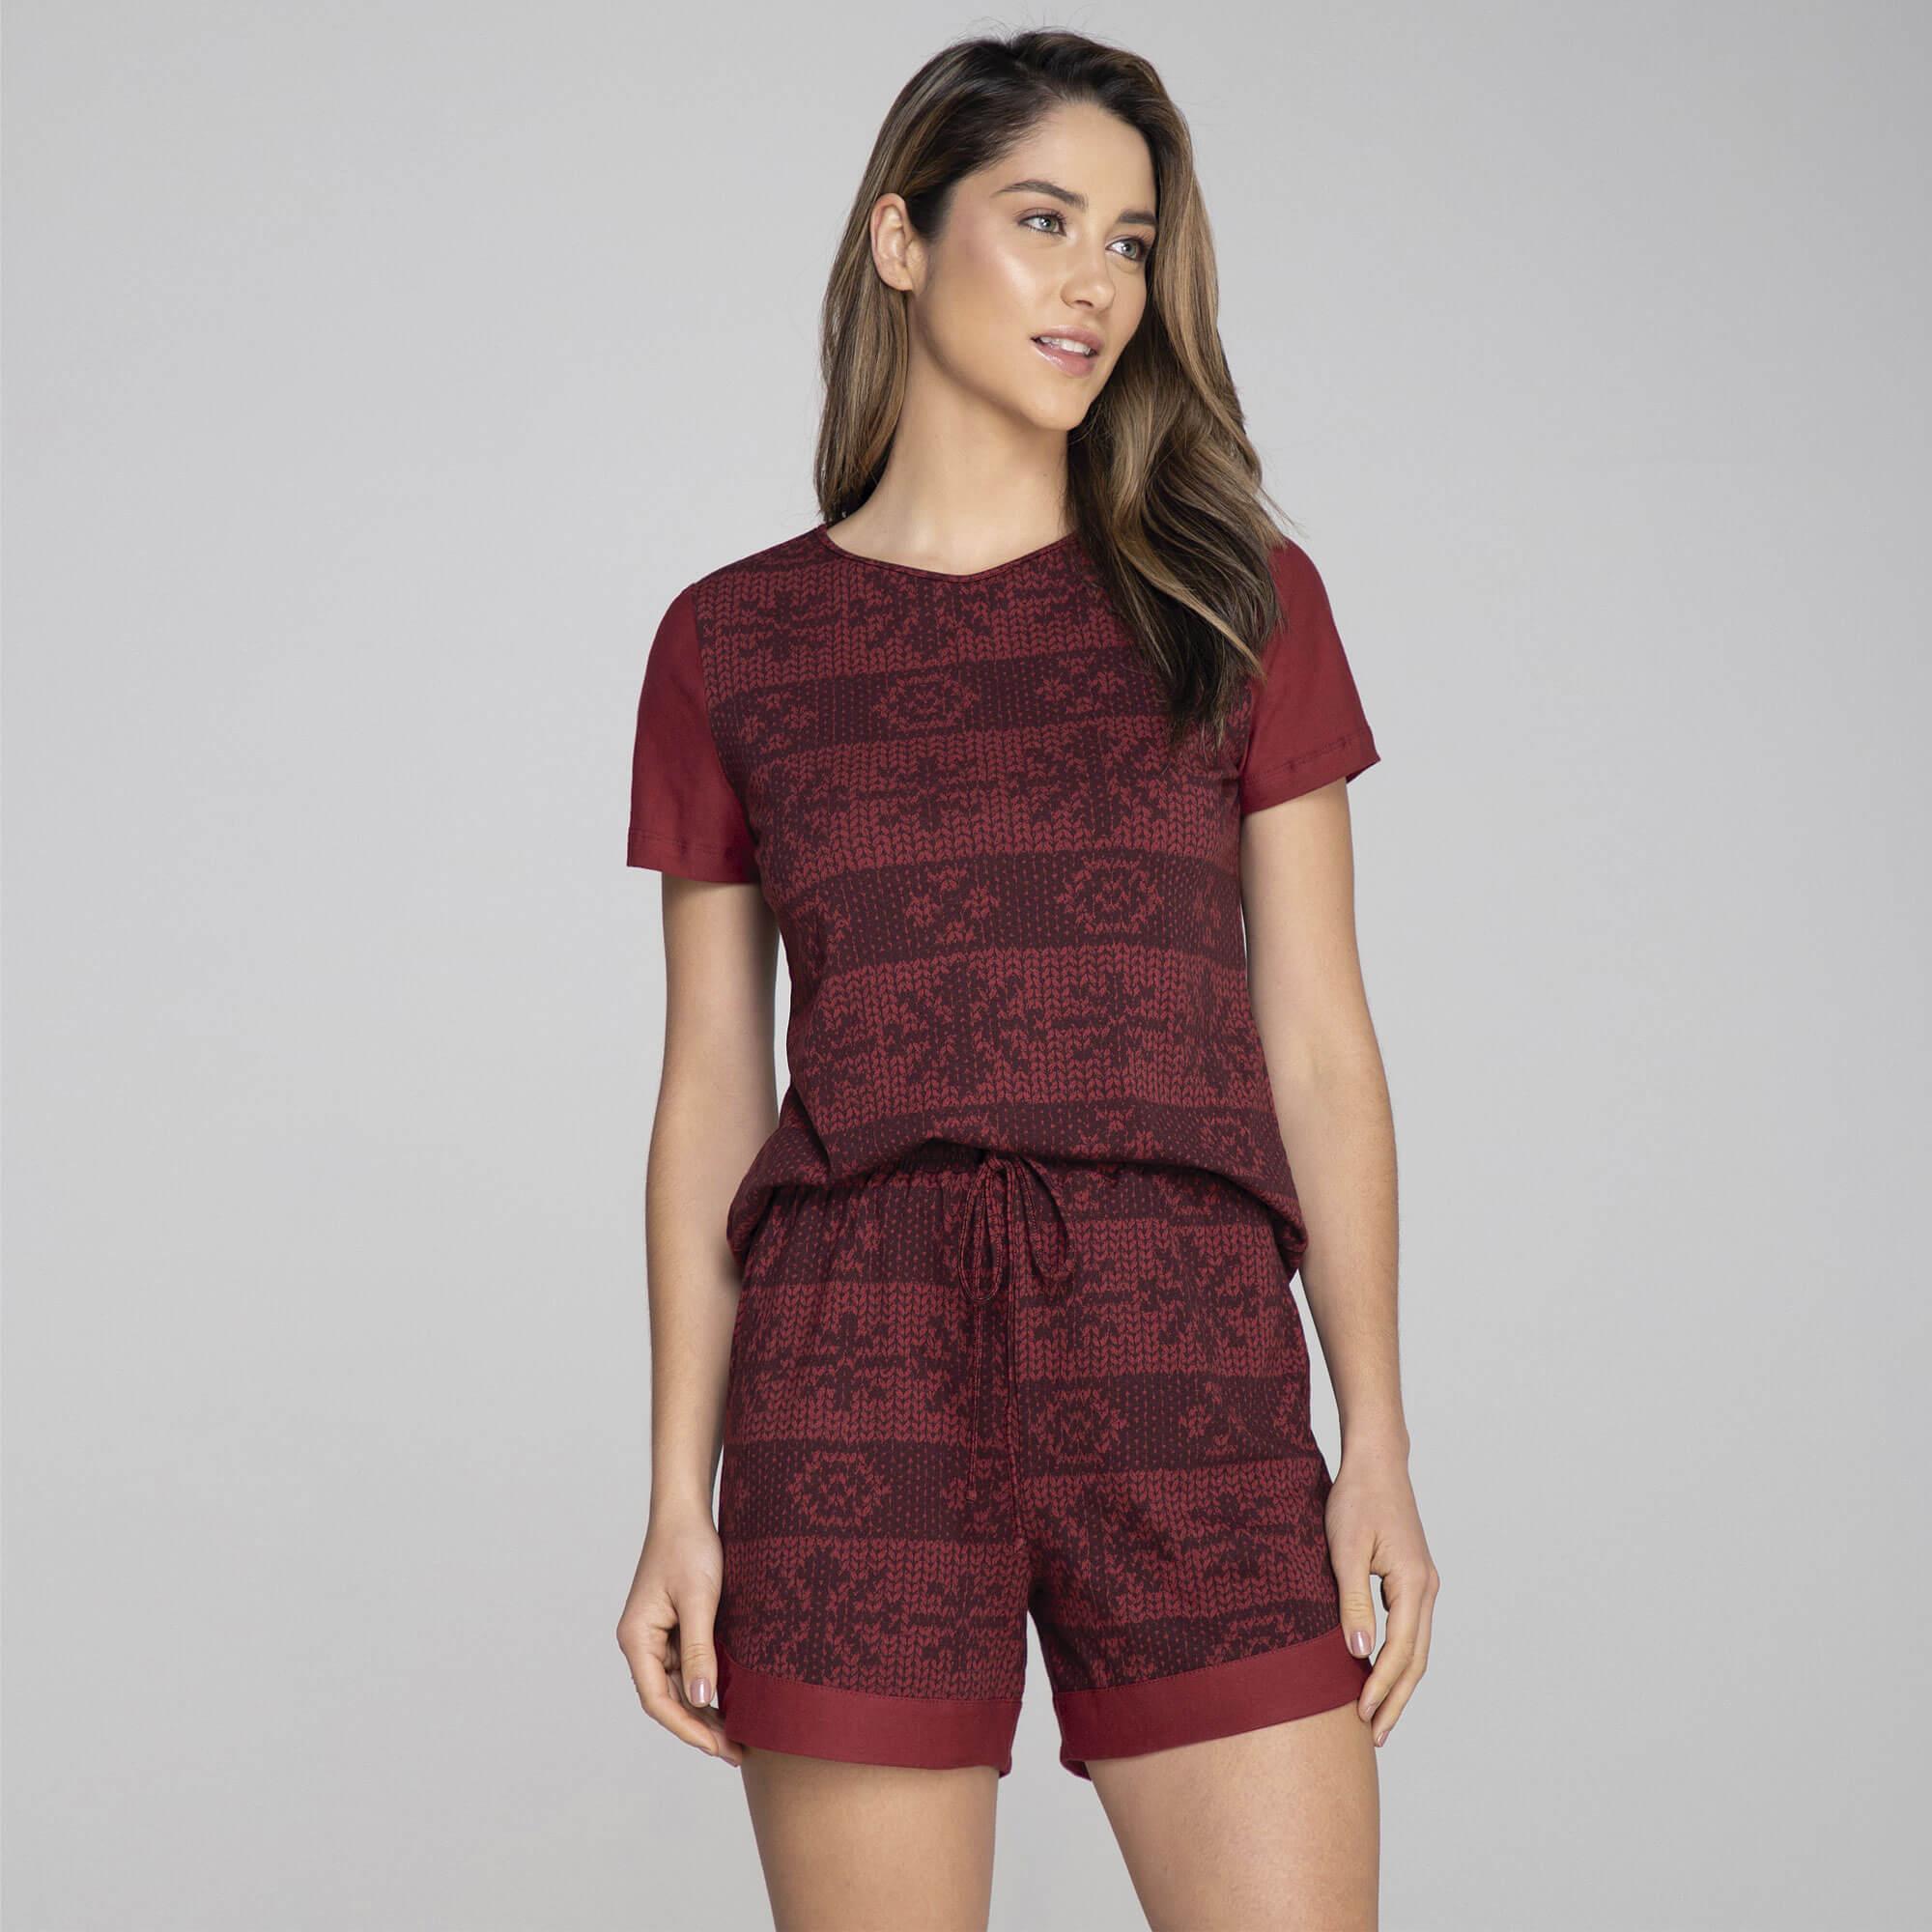 Pijama Malha Estampa Tricot